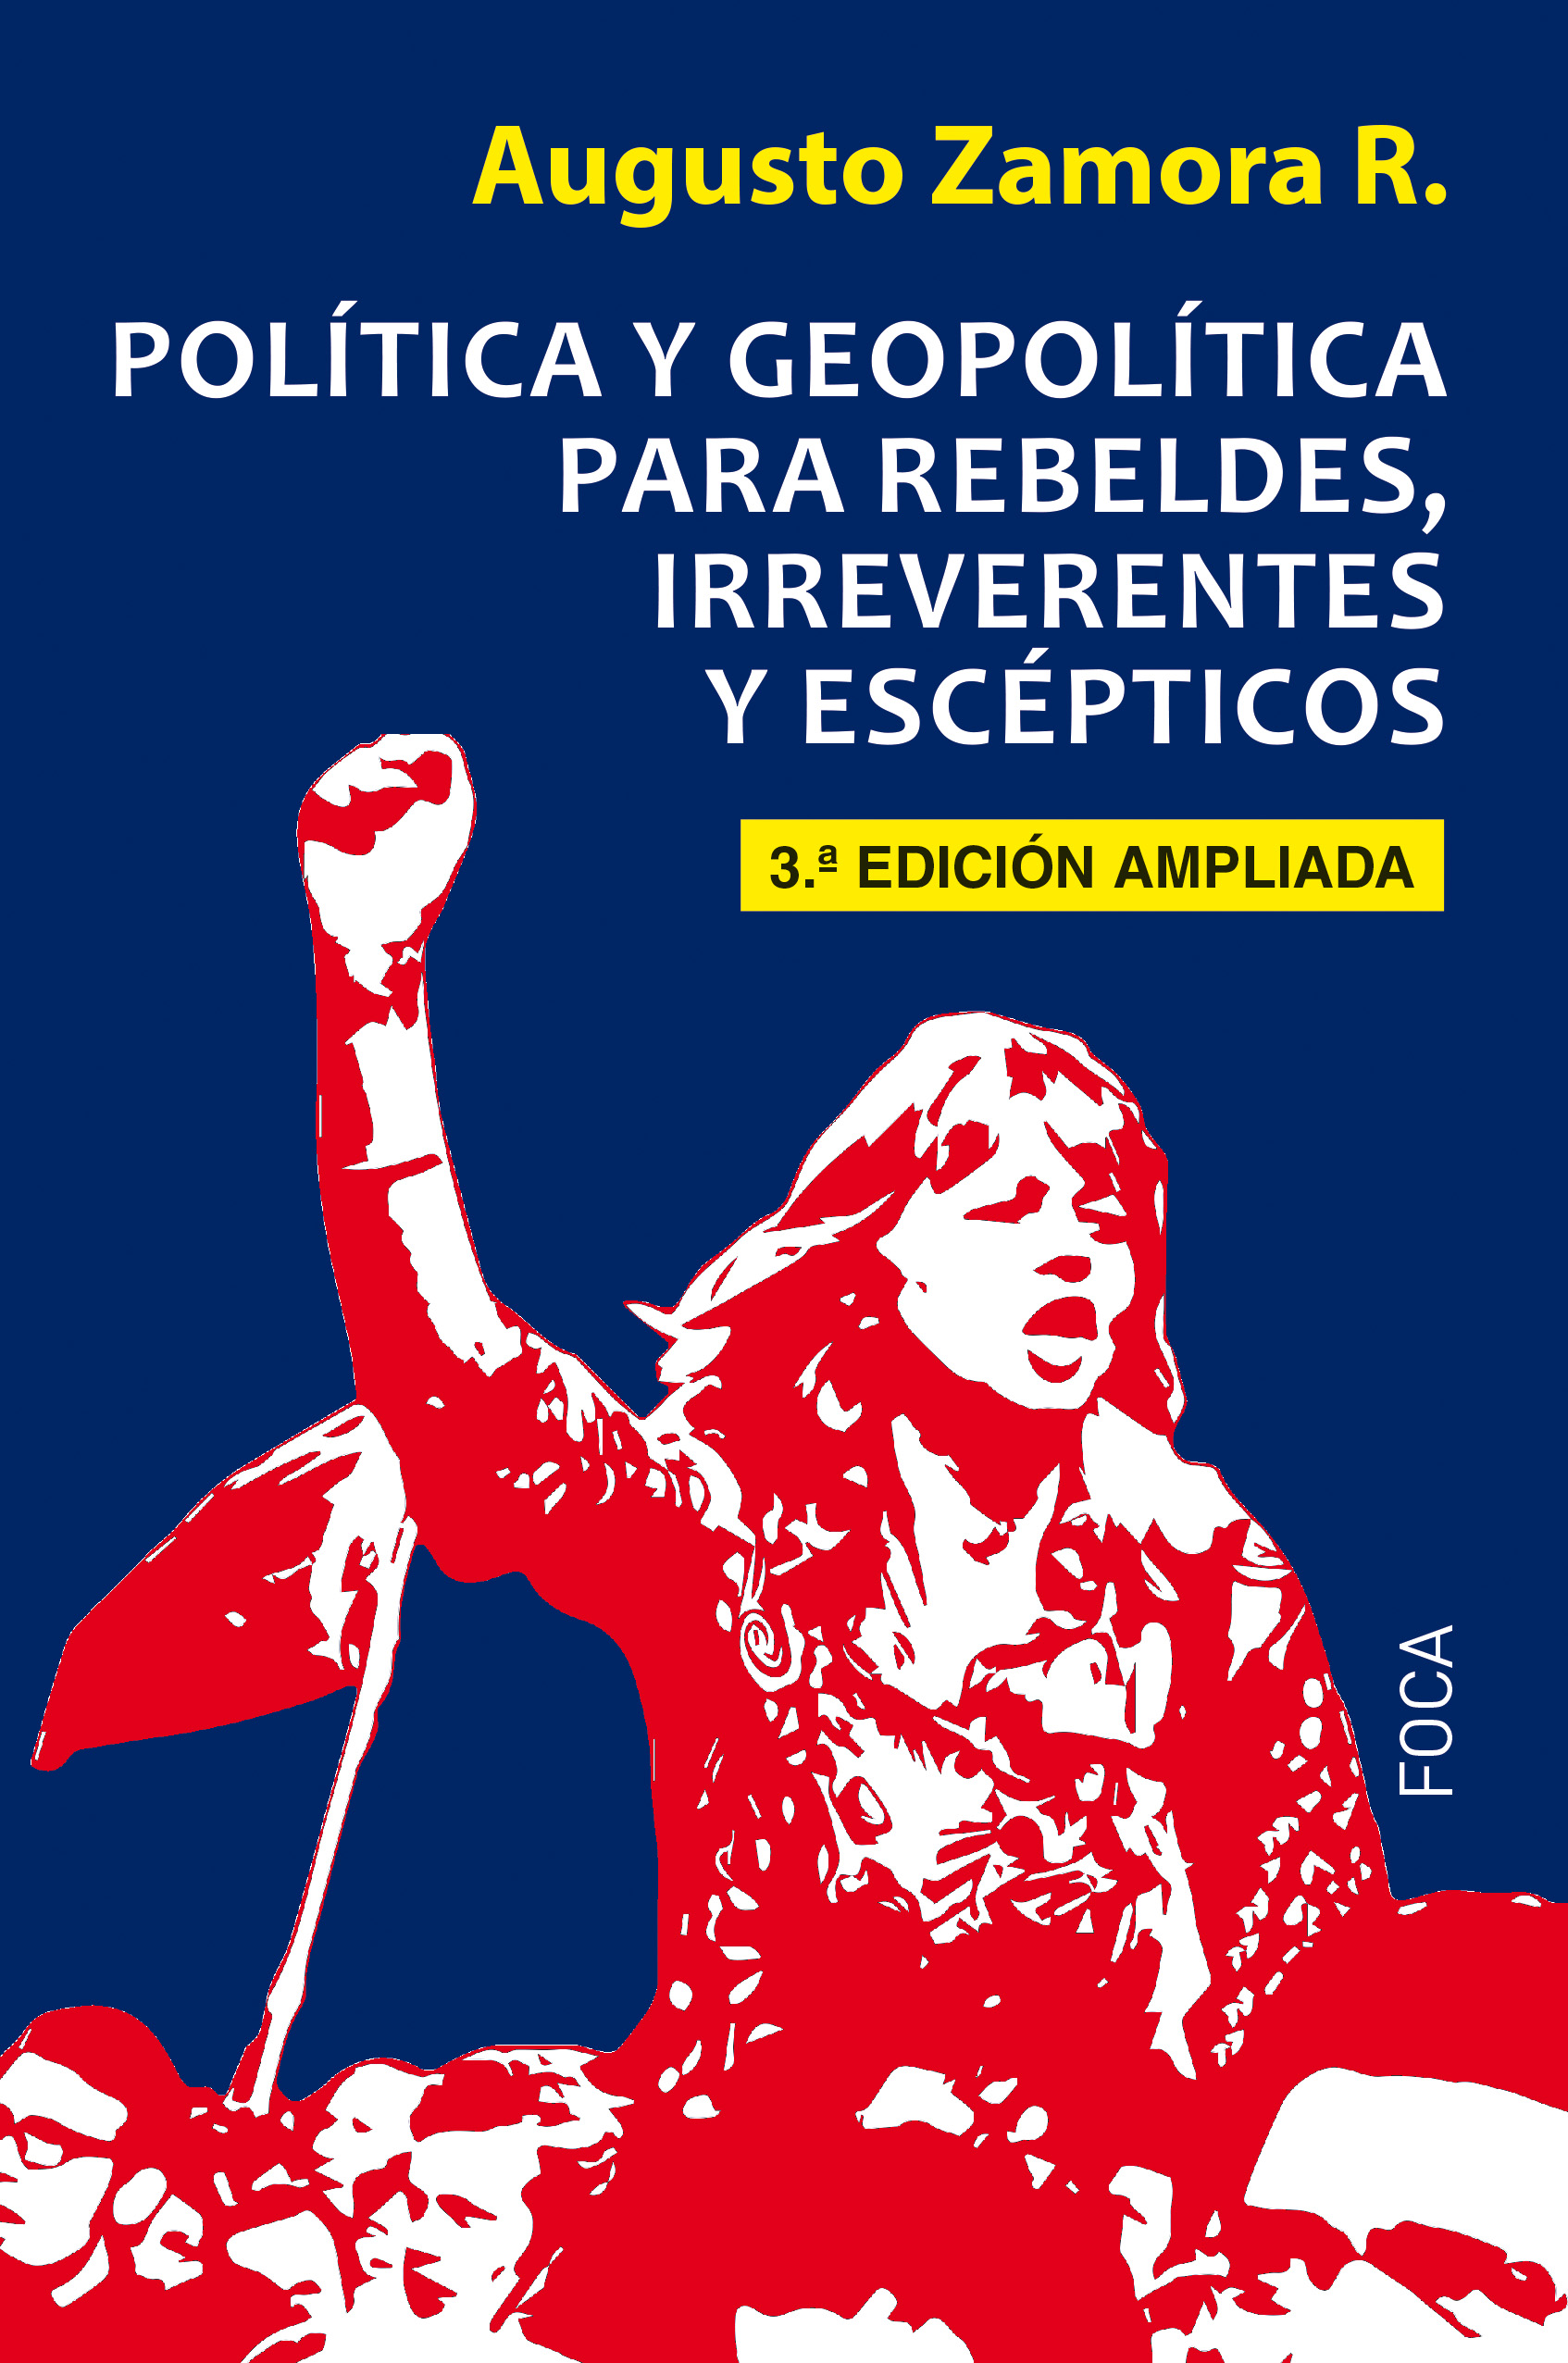 politica-y-geopolitica-para-rebeldes-irreverentes-y-escepticos-978-84-16842-24-7